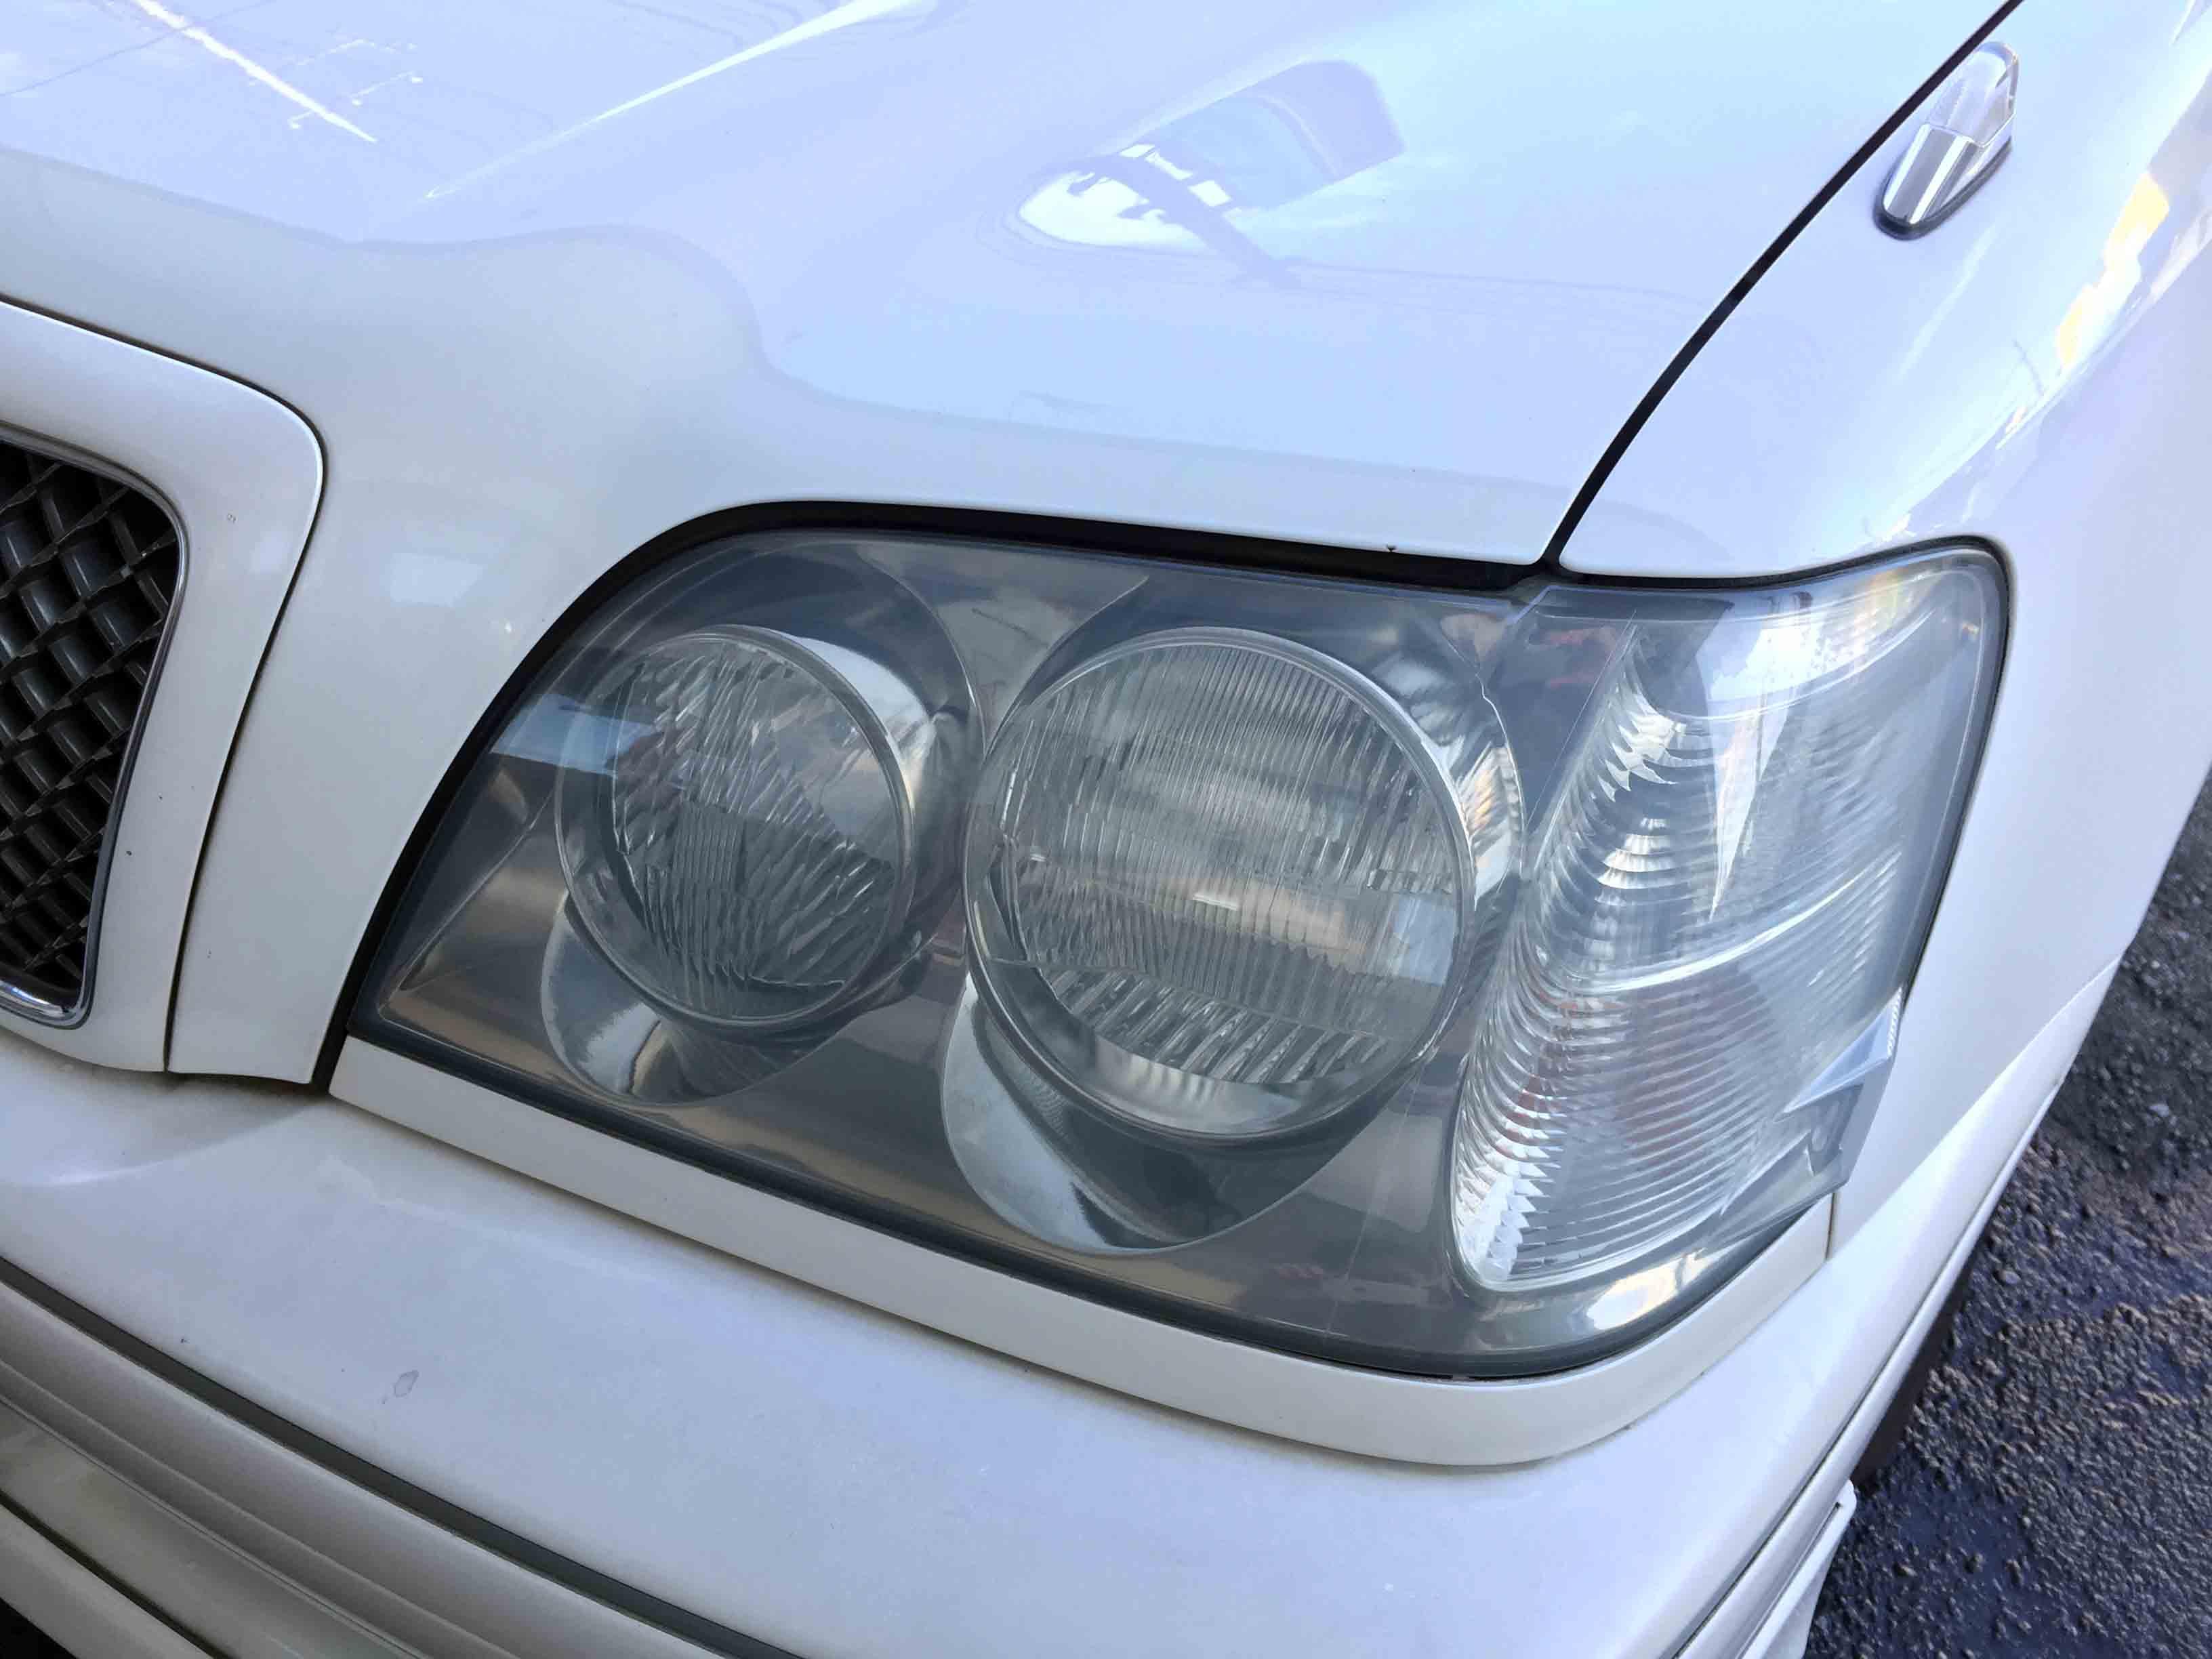 トヨタ17系クラウンのヘッドライト劣化が重度のため若干ぼやけています